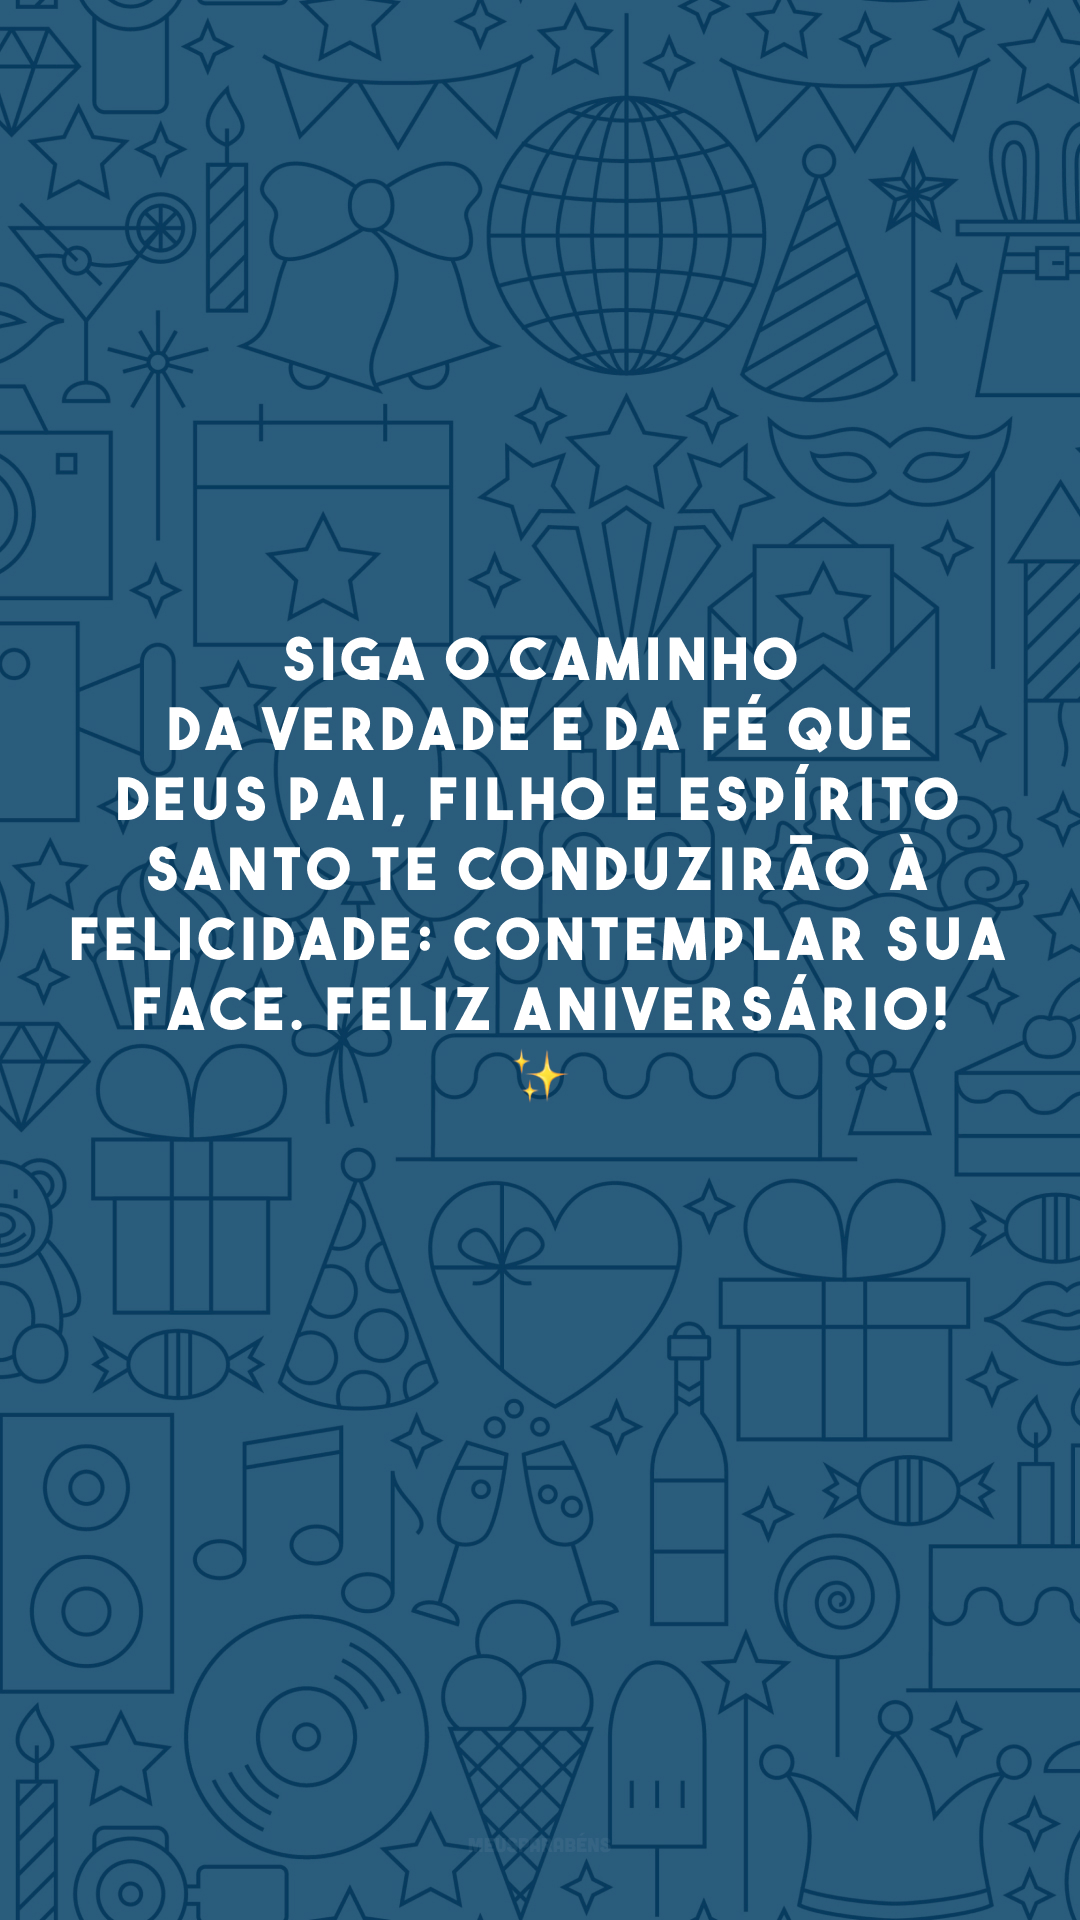 Siga o caminho da verdade e da fé que Deus Pai, Filho e Espírito Santo te conduzirão à felicidade: contemplar Sua face. Feliz aniversário! ✨